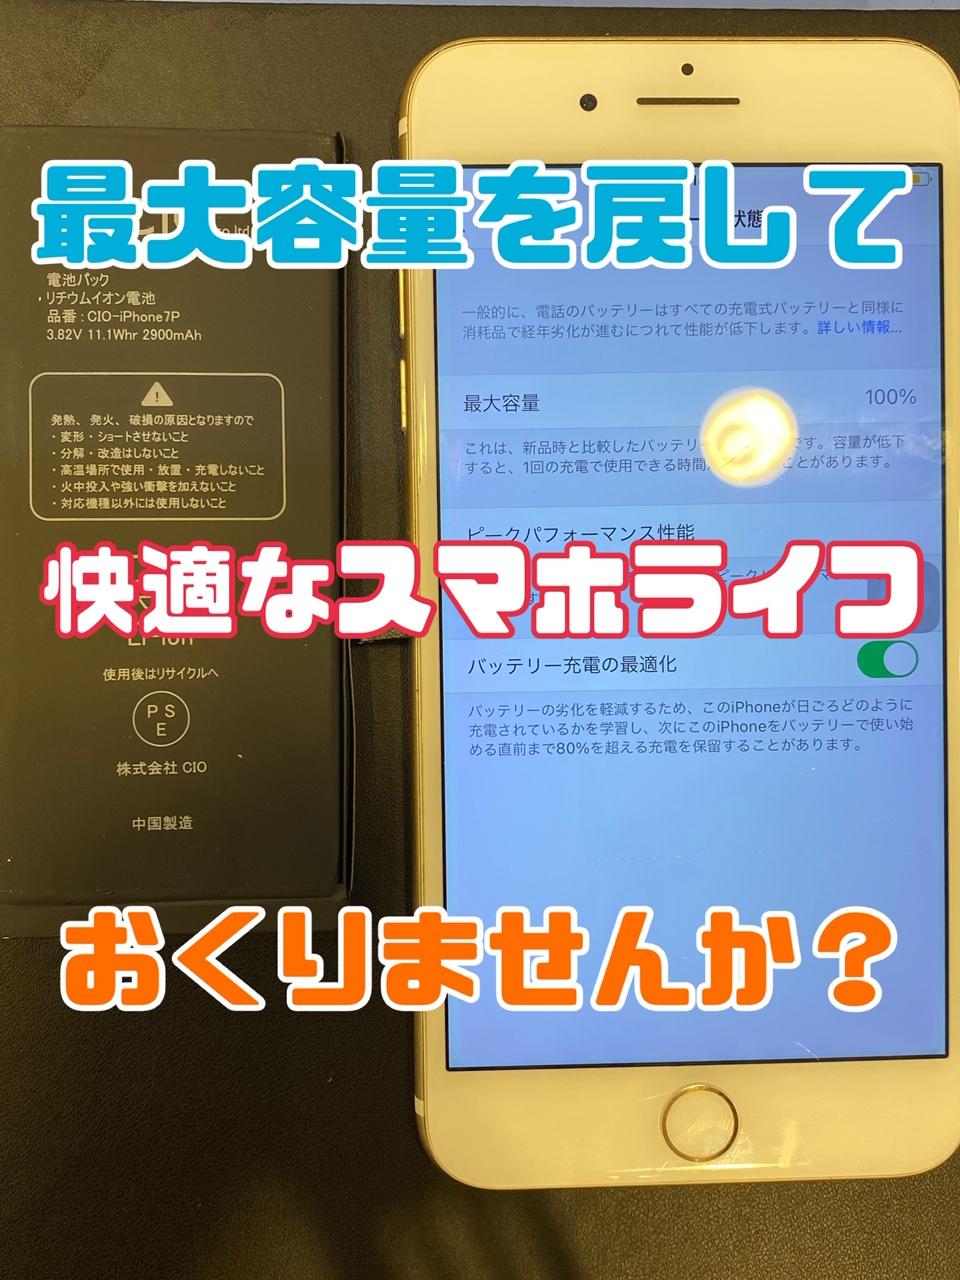 【兵庫県川西市の即日iPhone修理店】アイフォン7プラスのバッテリー交換